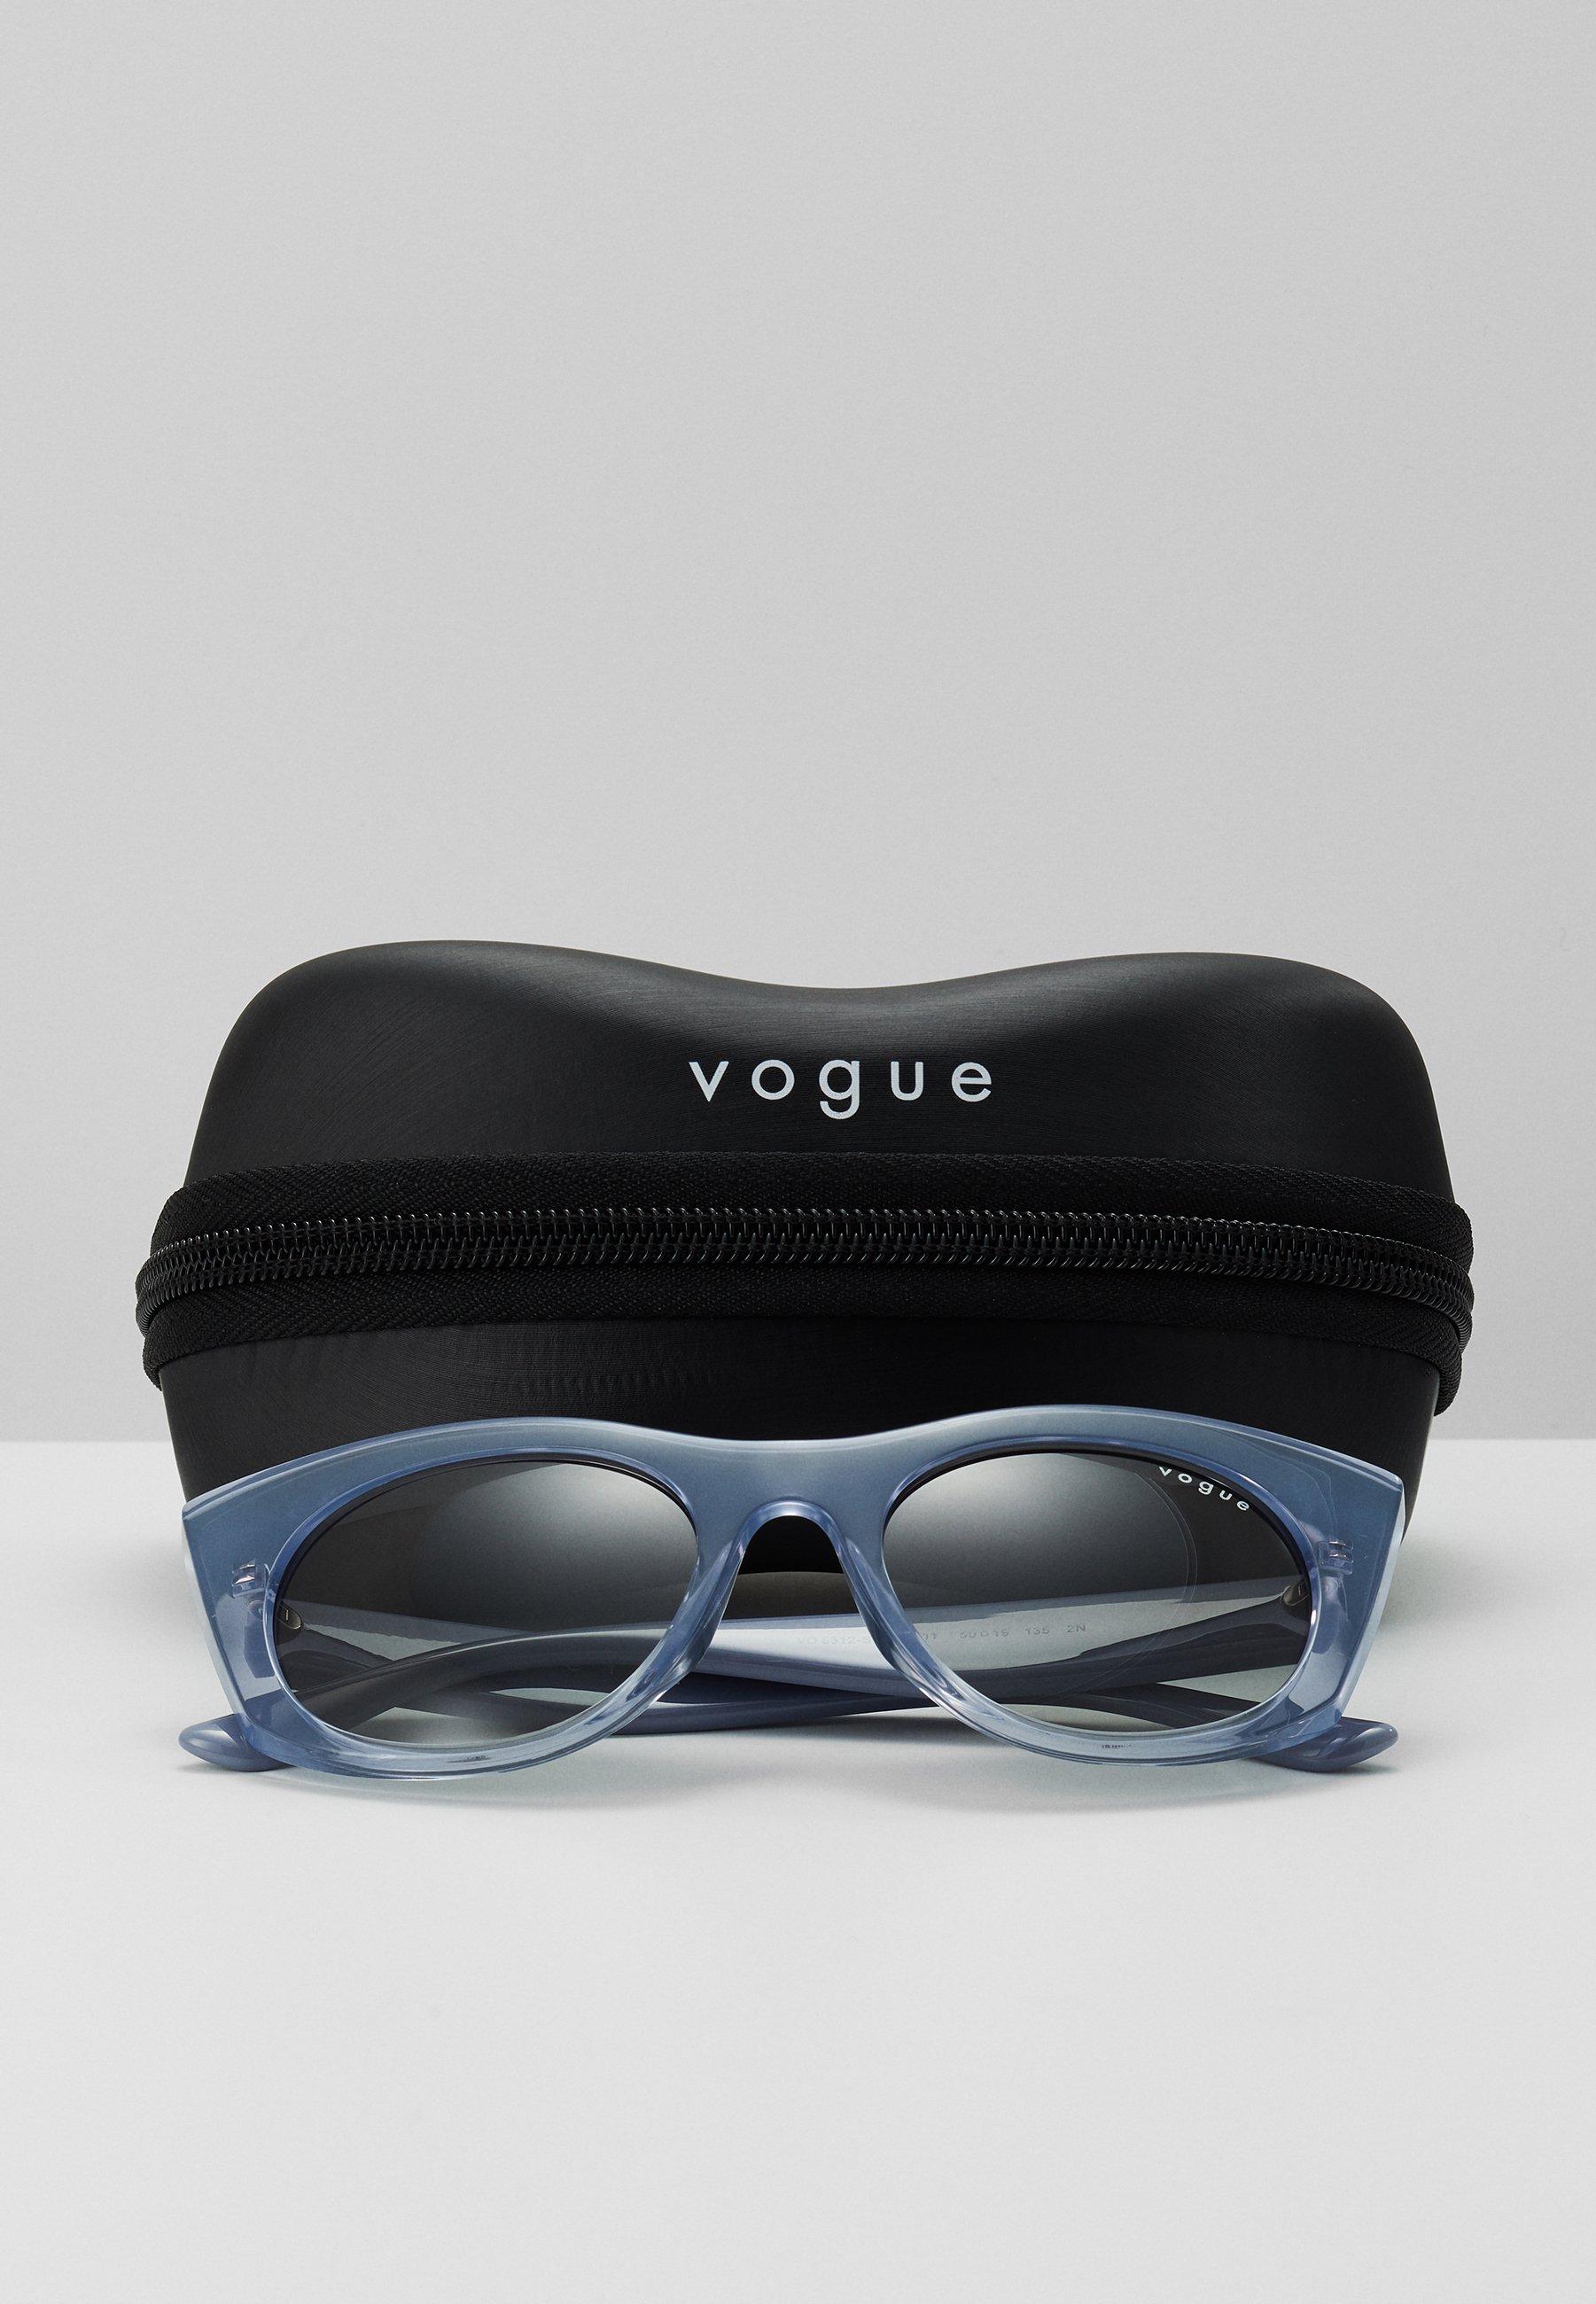 VOGUE Eyewear Lunettes de soleil - transparent, blue